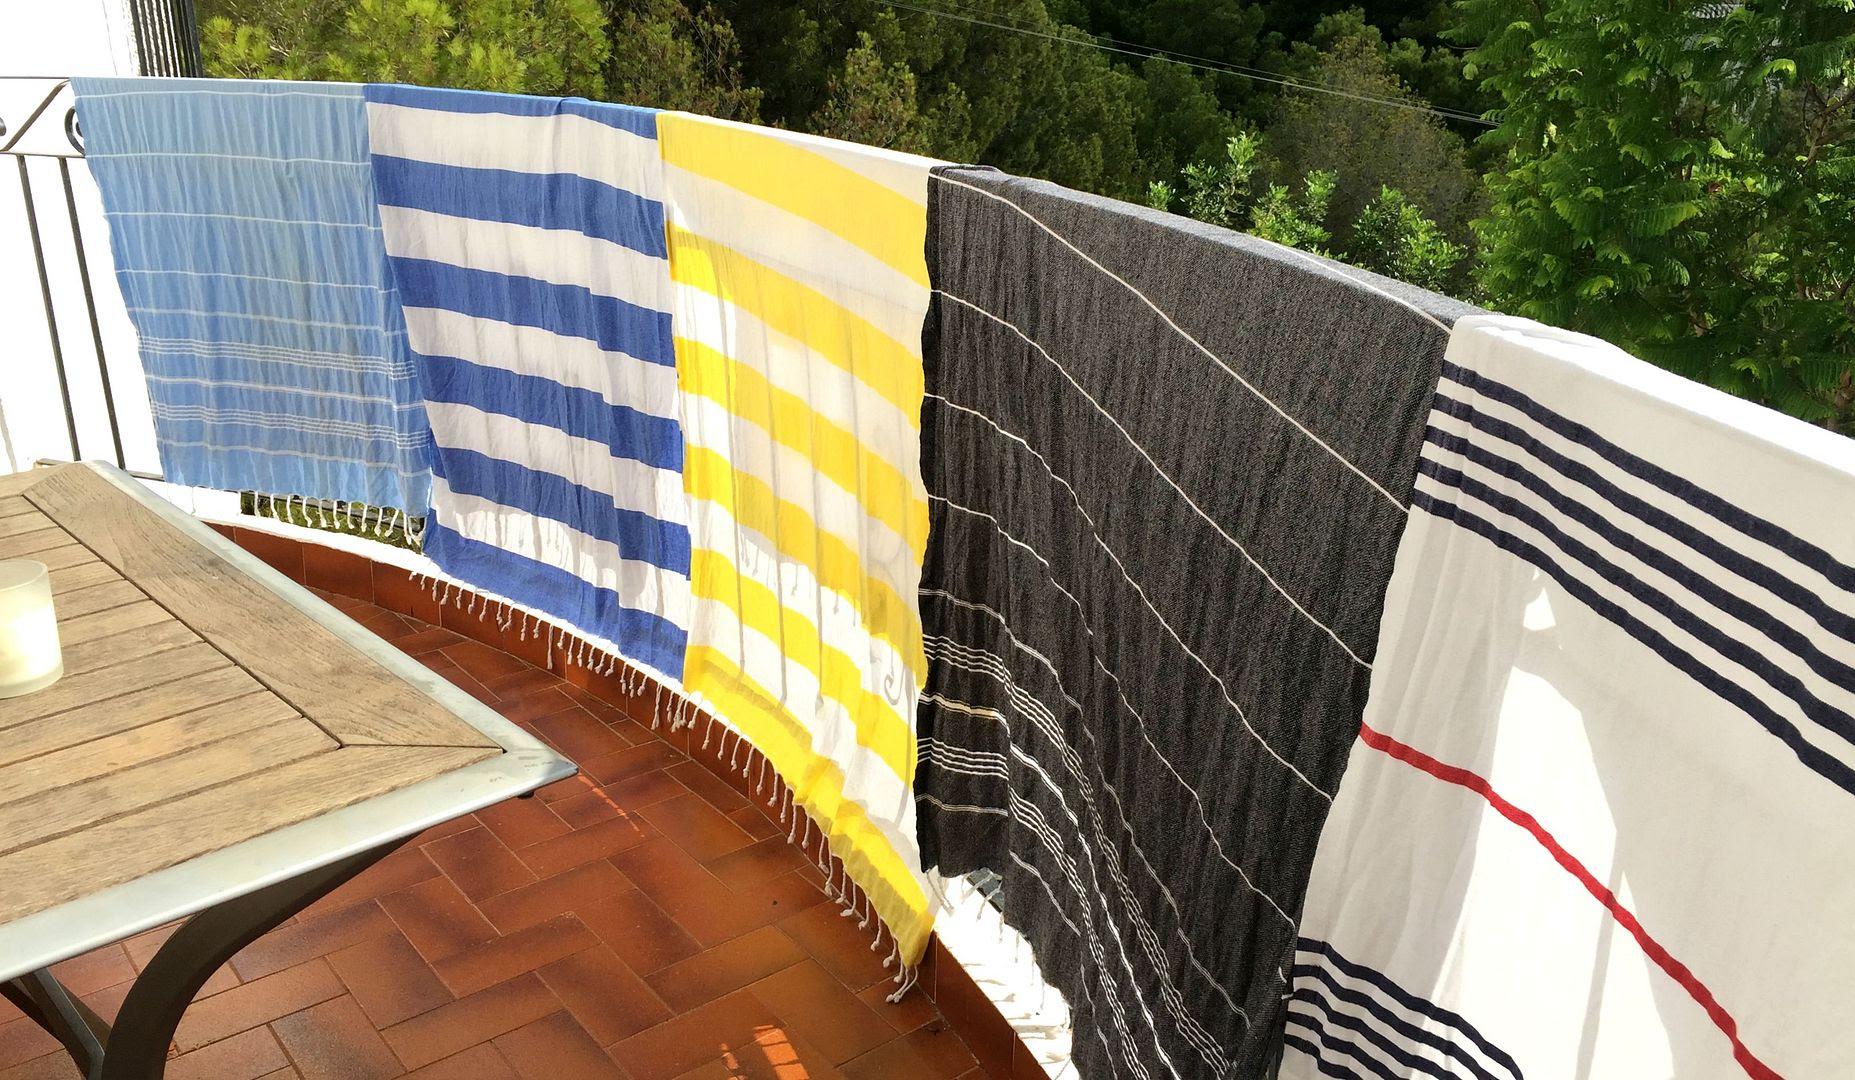 Hammamas beach towels drying